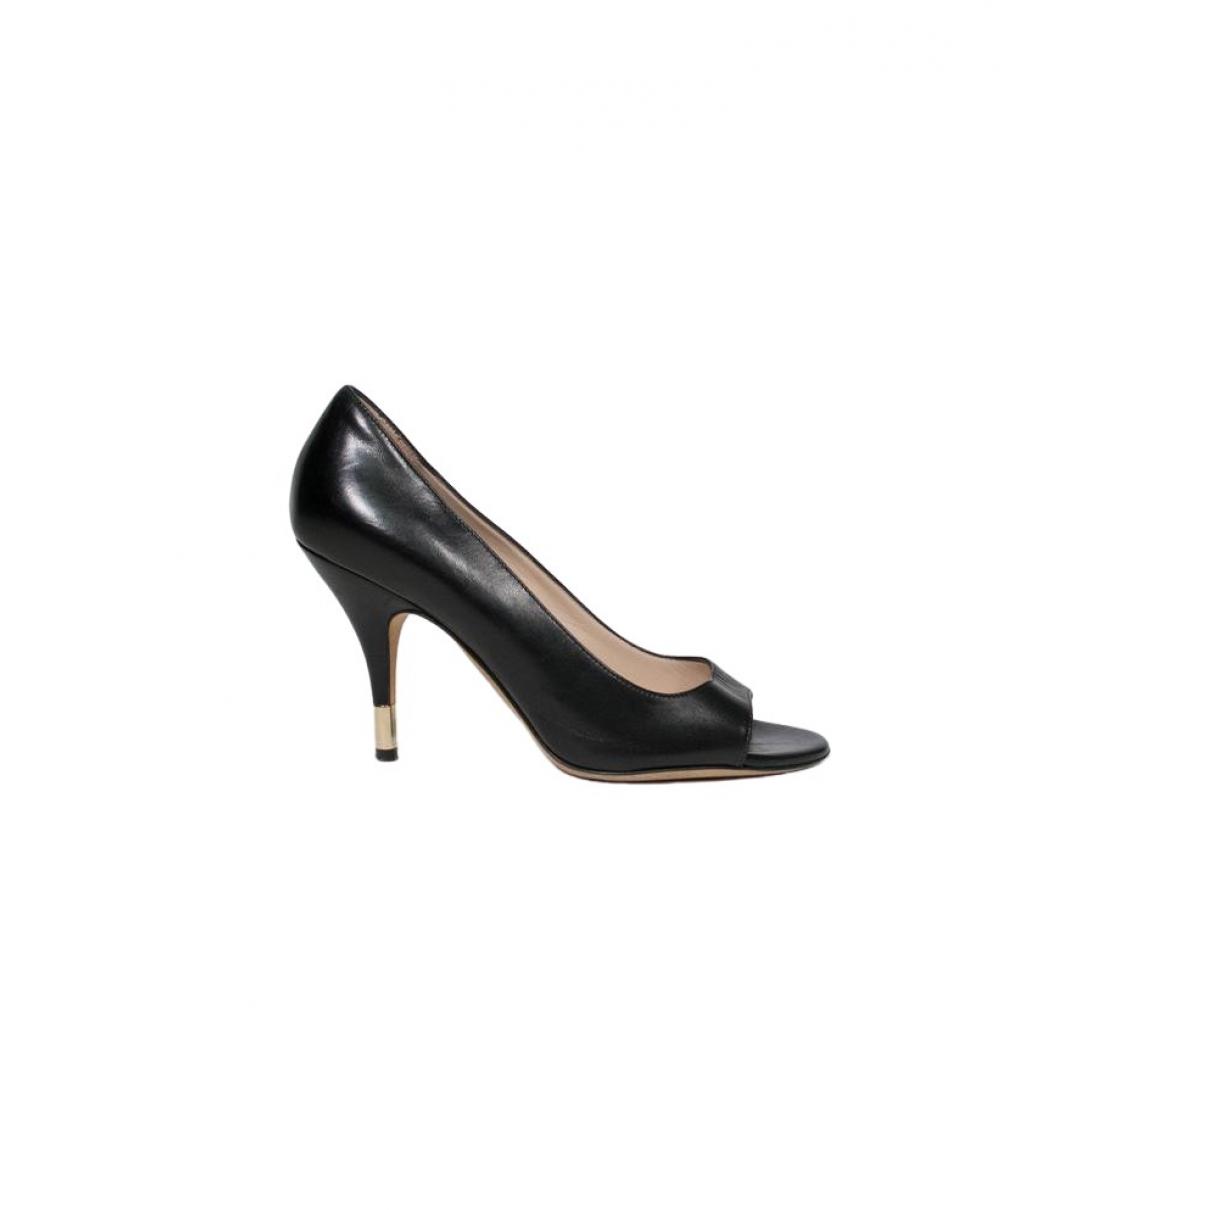 Dolce & Gabbana \N Black Leather Heels for Women 36 IT